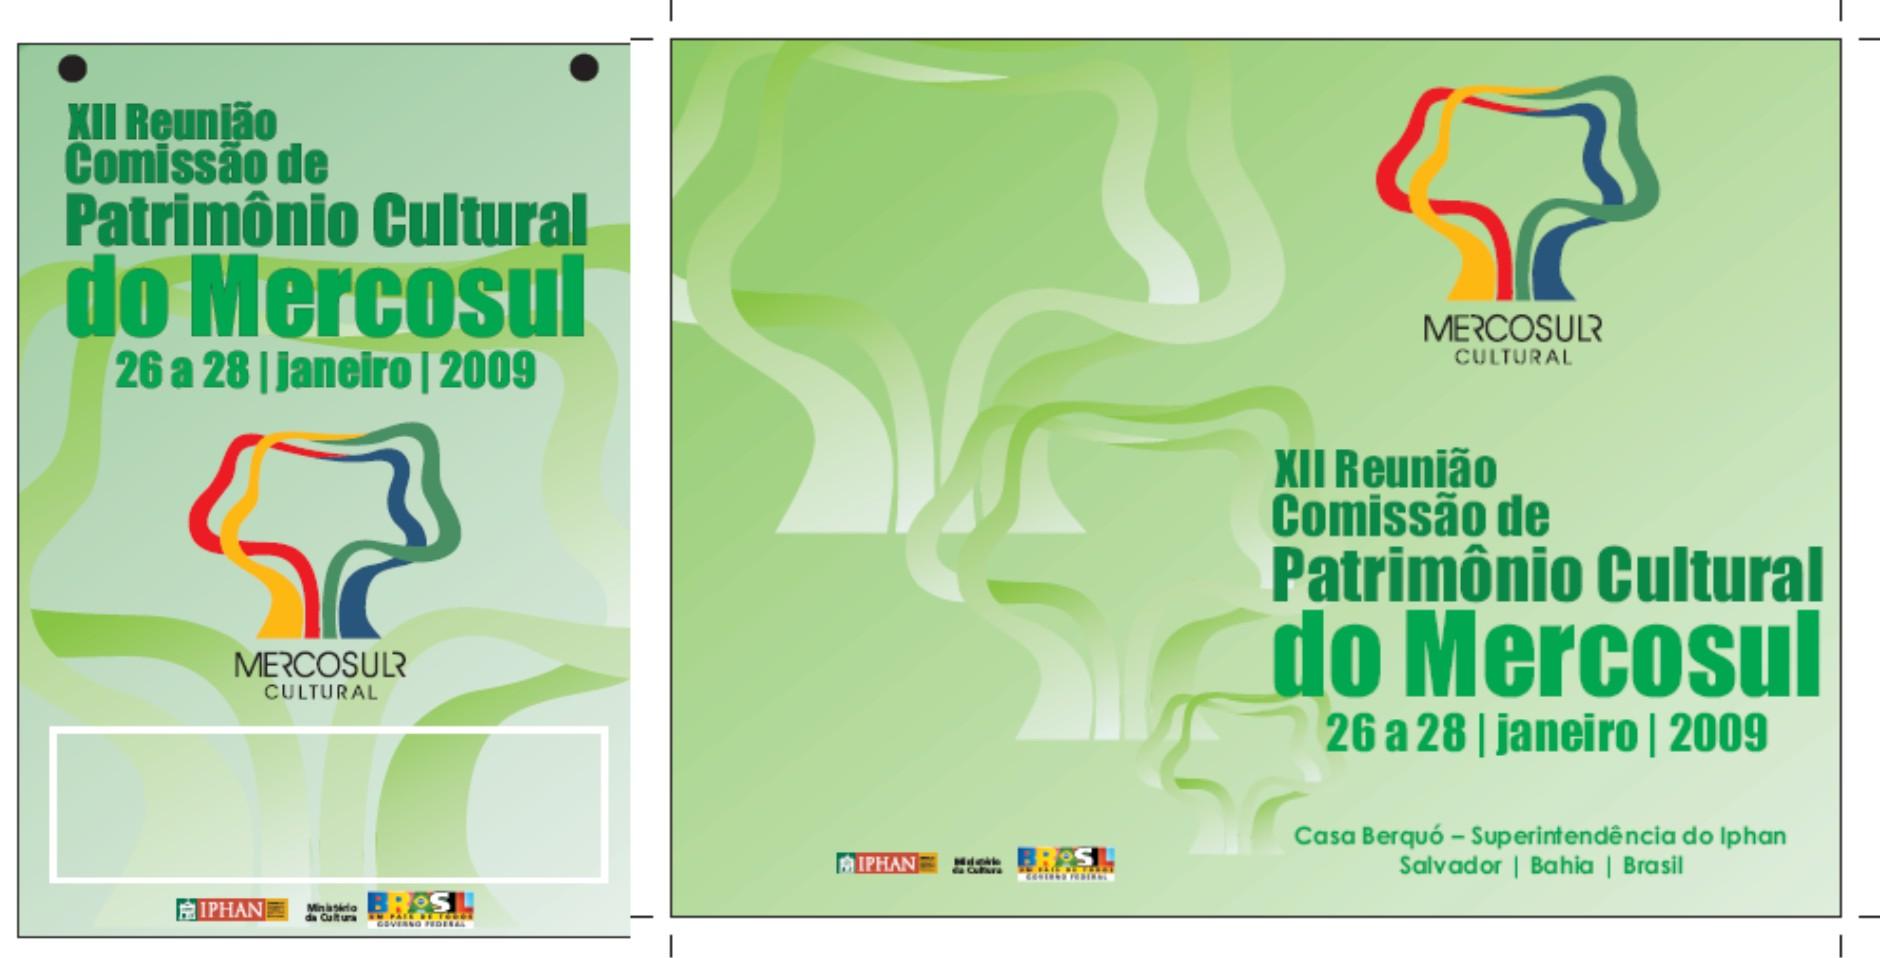 Mercosul Cultural